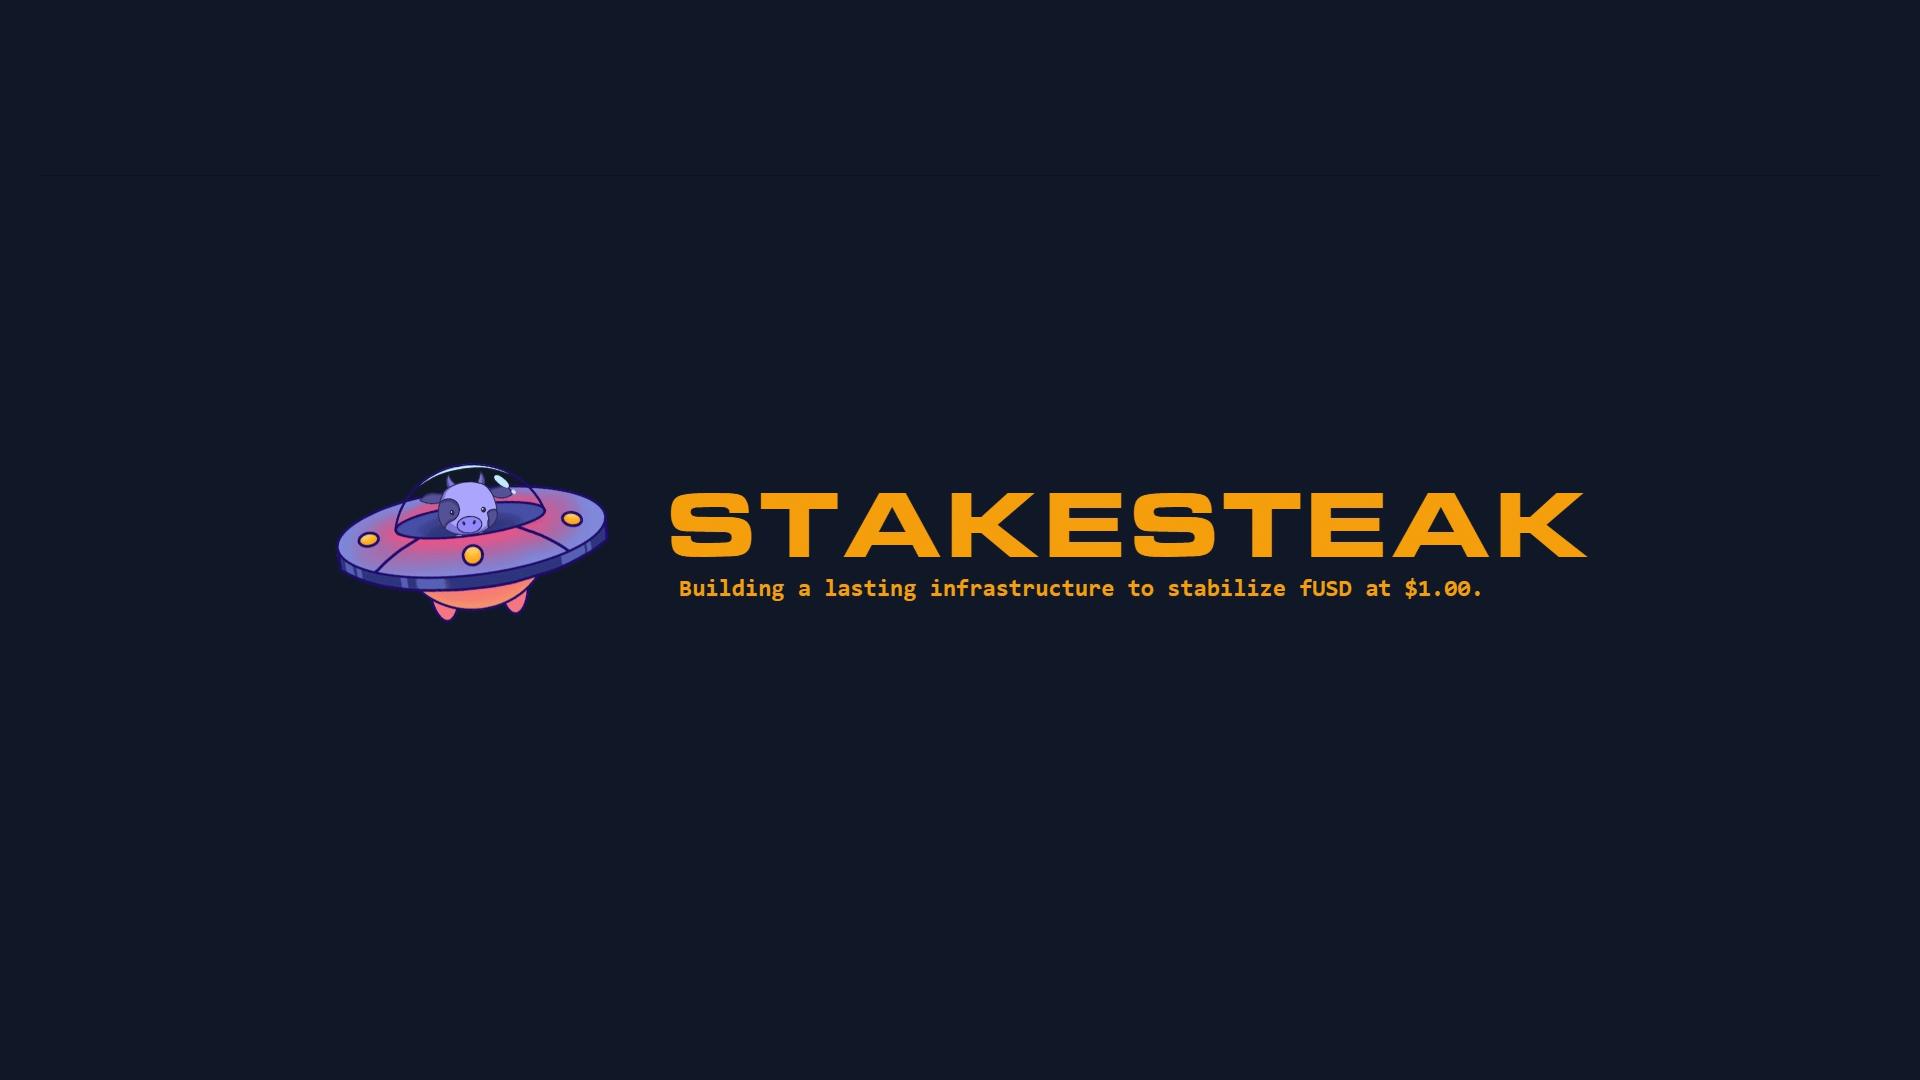 Stake Steak